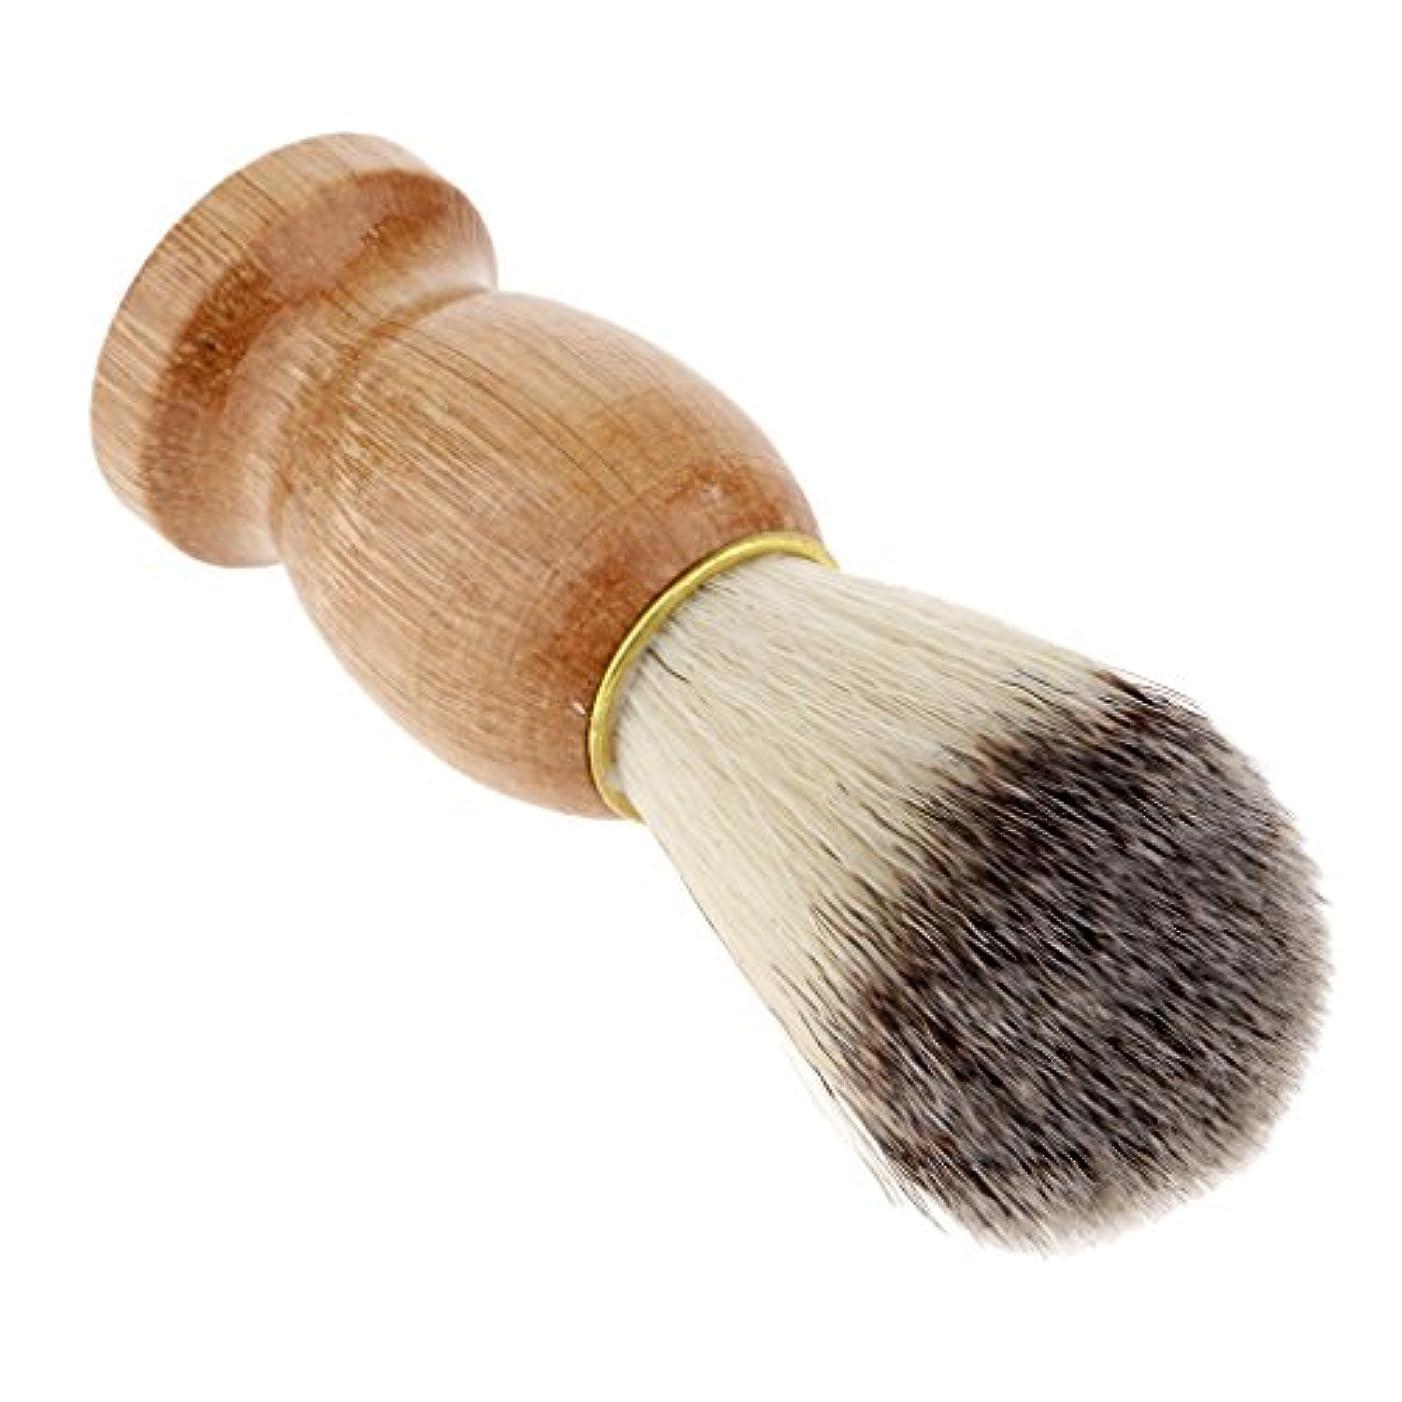 降雨限られた滴下人毛ひげの切断の塵の浄化のための木製のハンドルの剛毛の剃るブラシ